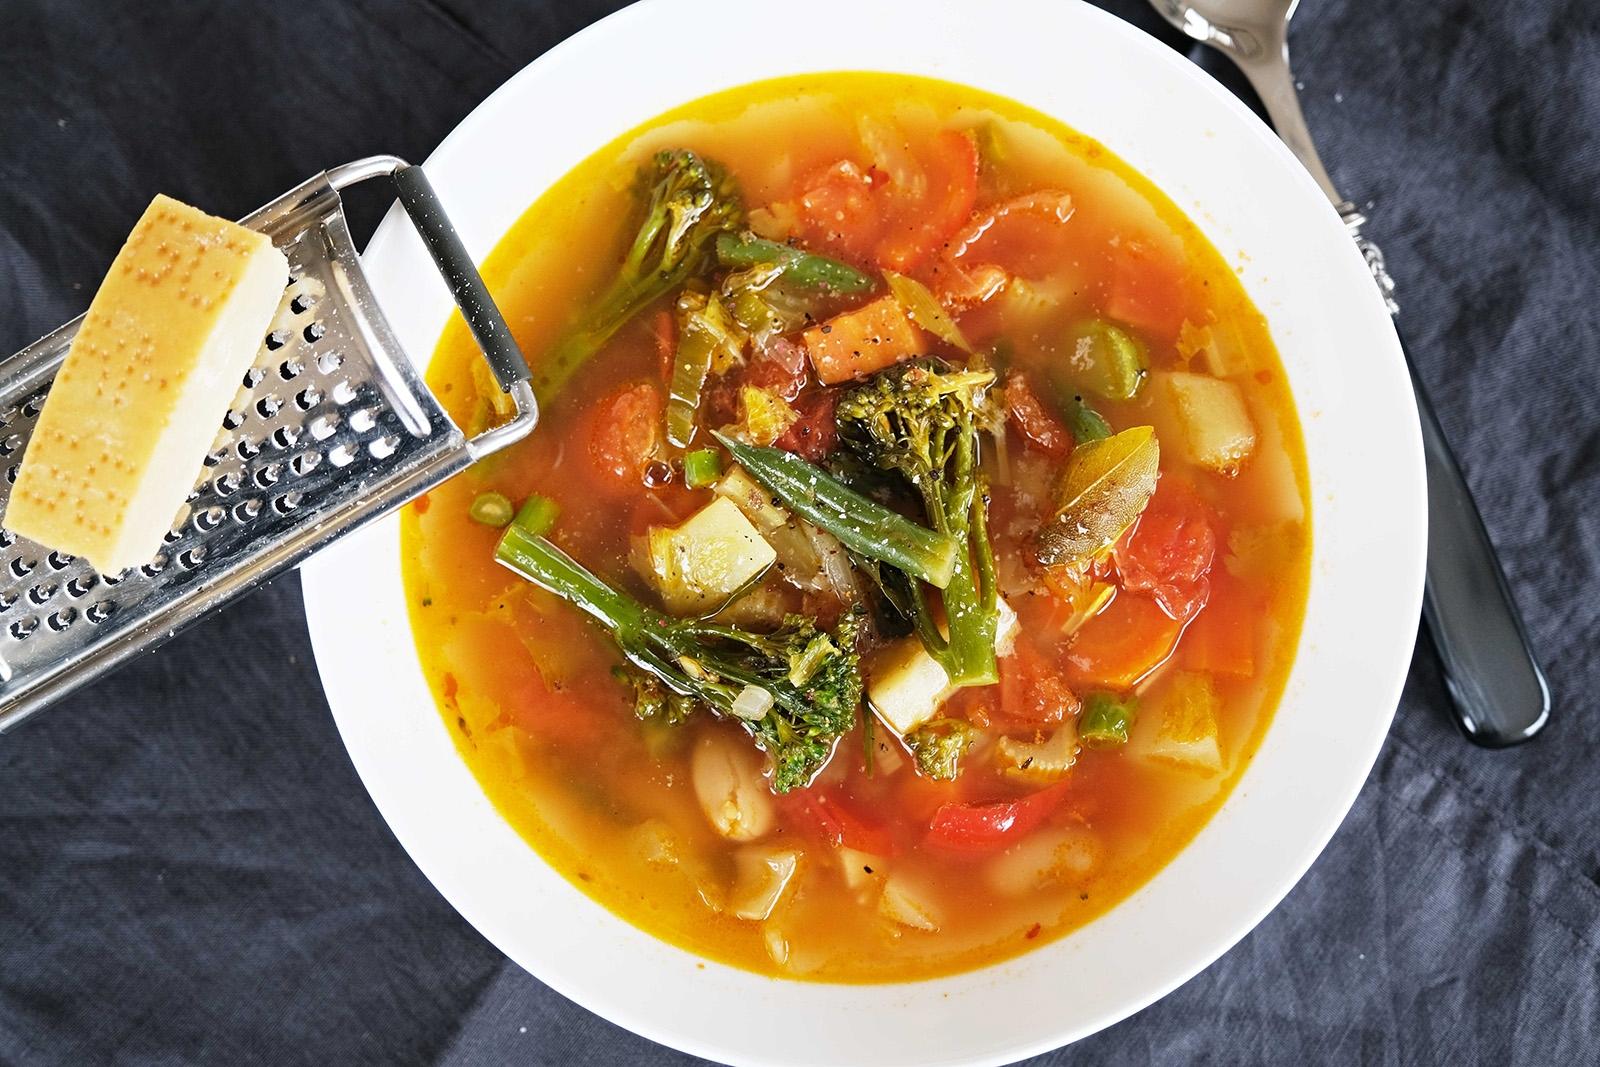 Italská zeleninová polévka minestrone. Pro dochucení použijte parmazán.